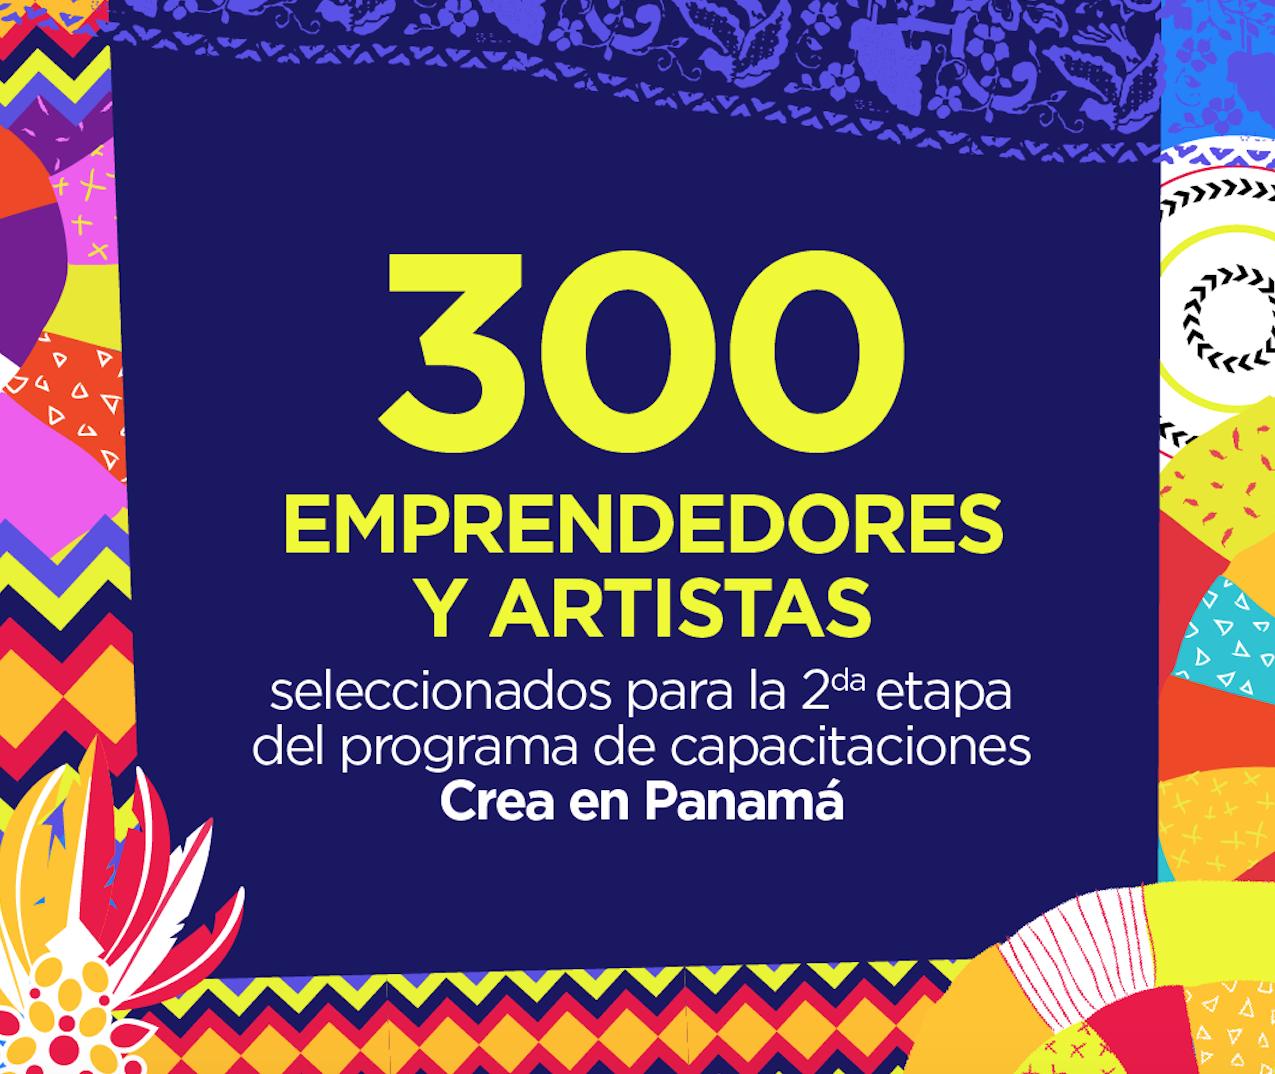 300 emprendedores y artistas